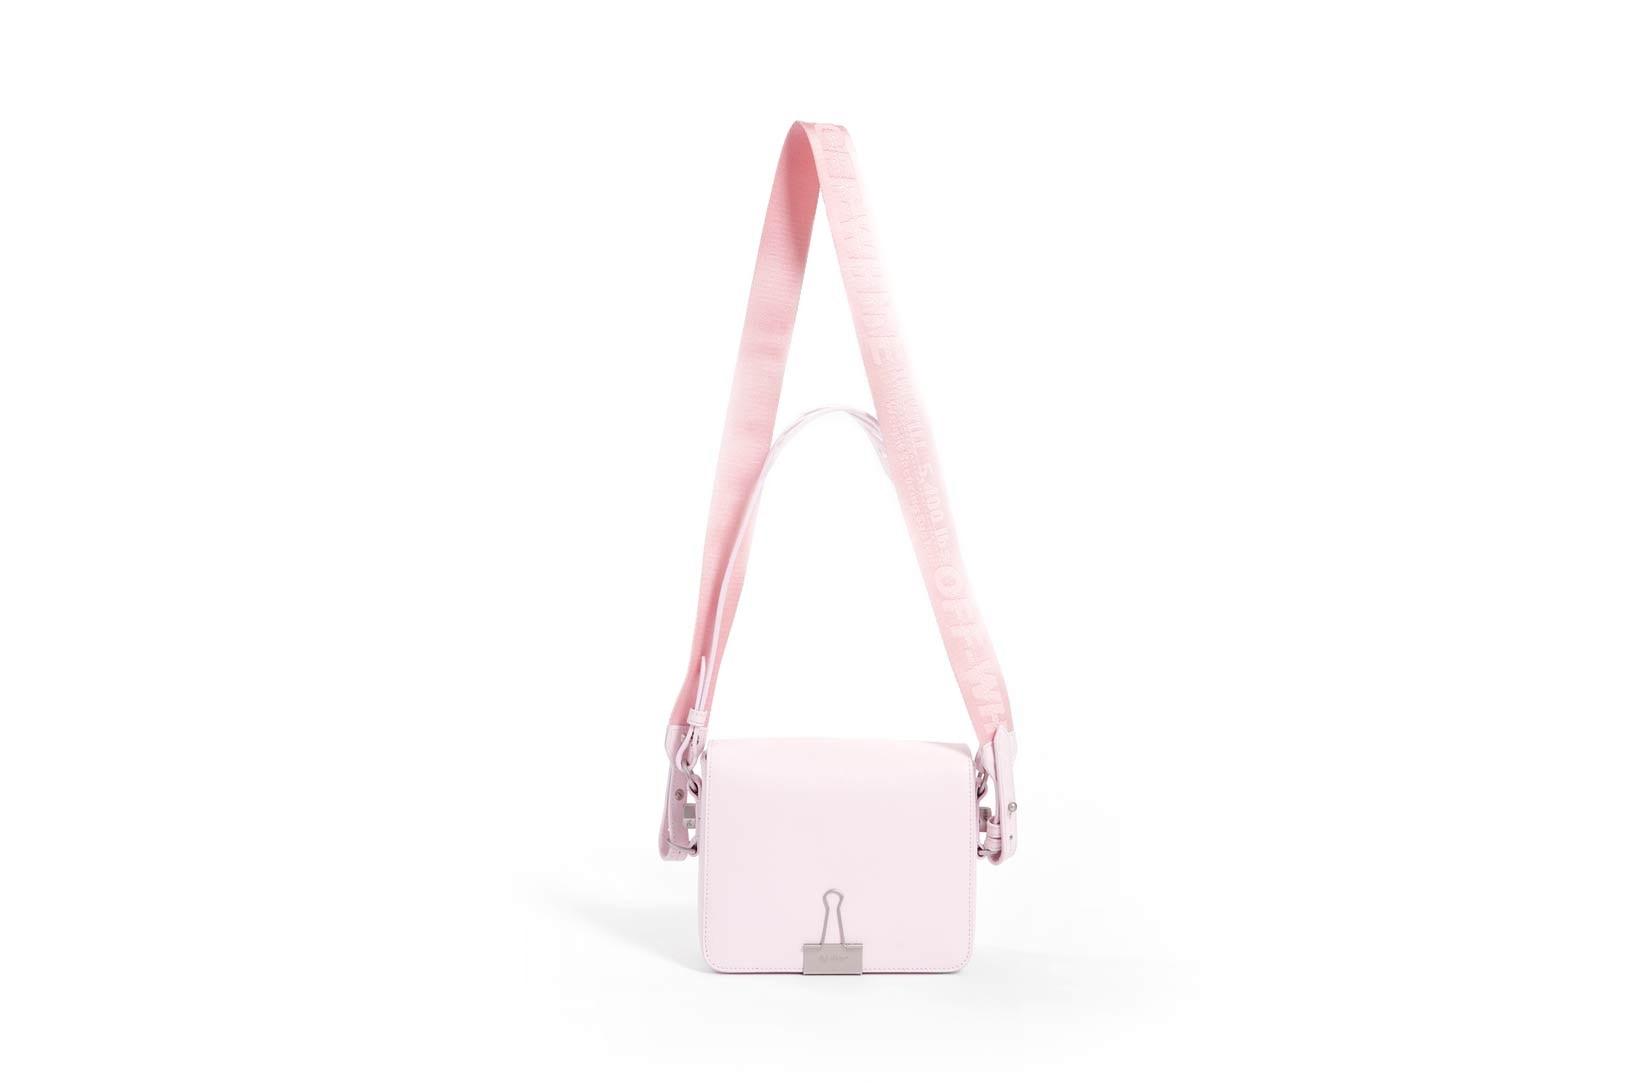 粉紅控怎能不心動 OFF-WHITE 招牌活頁夾手袋也推出了千禧粉版本